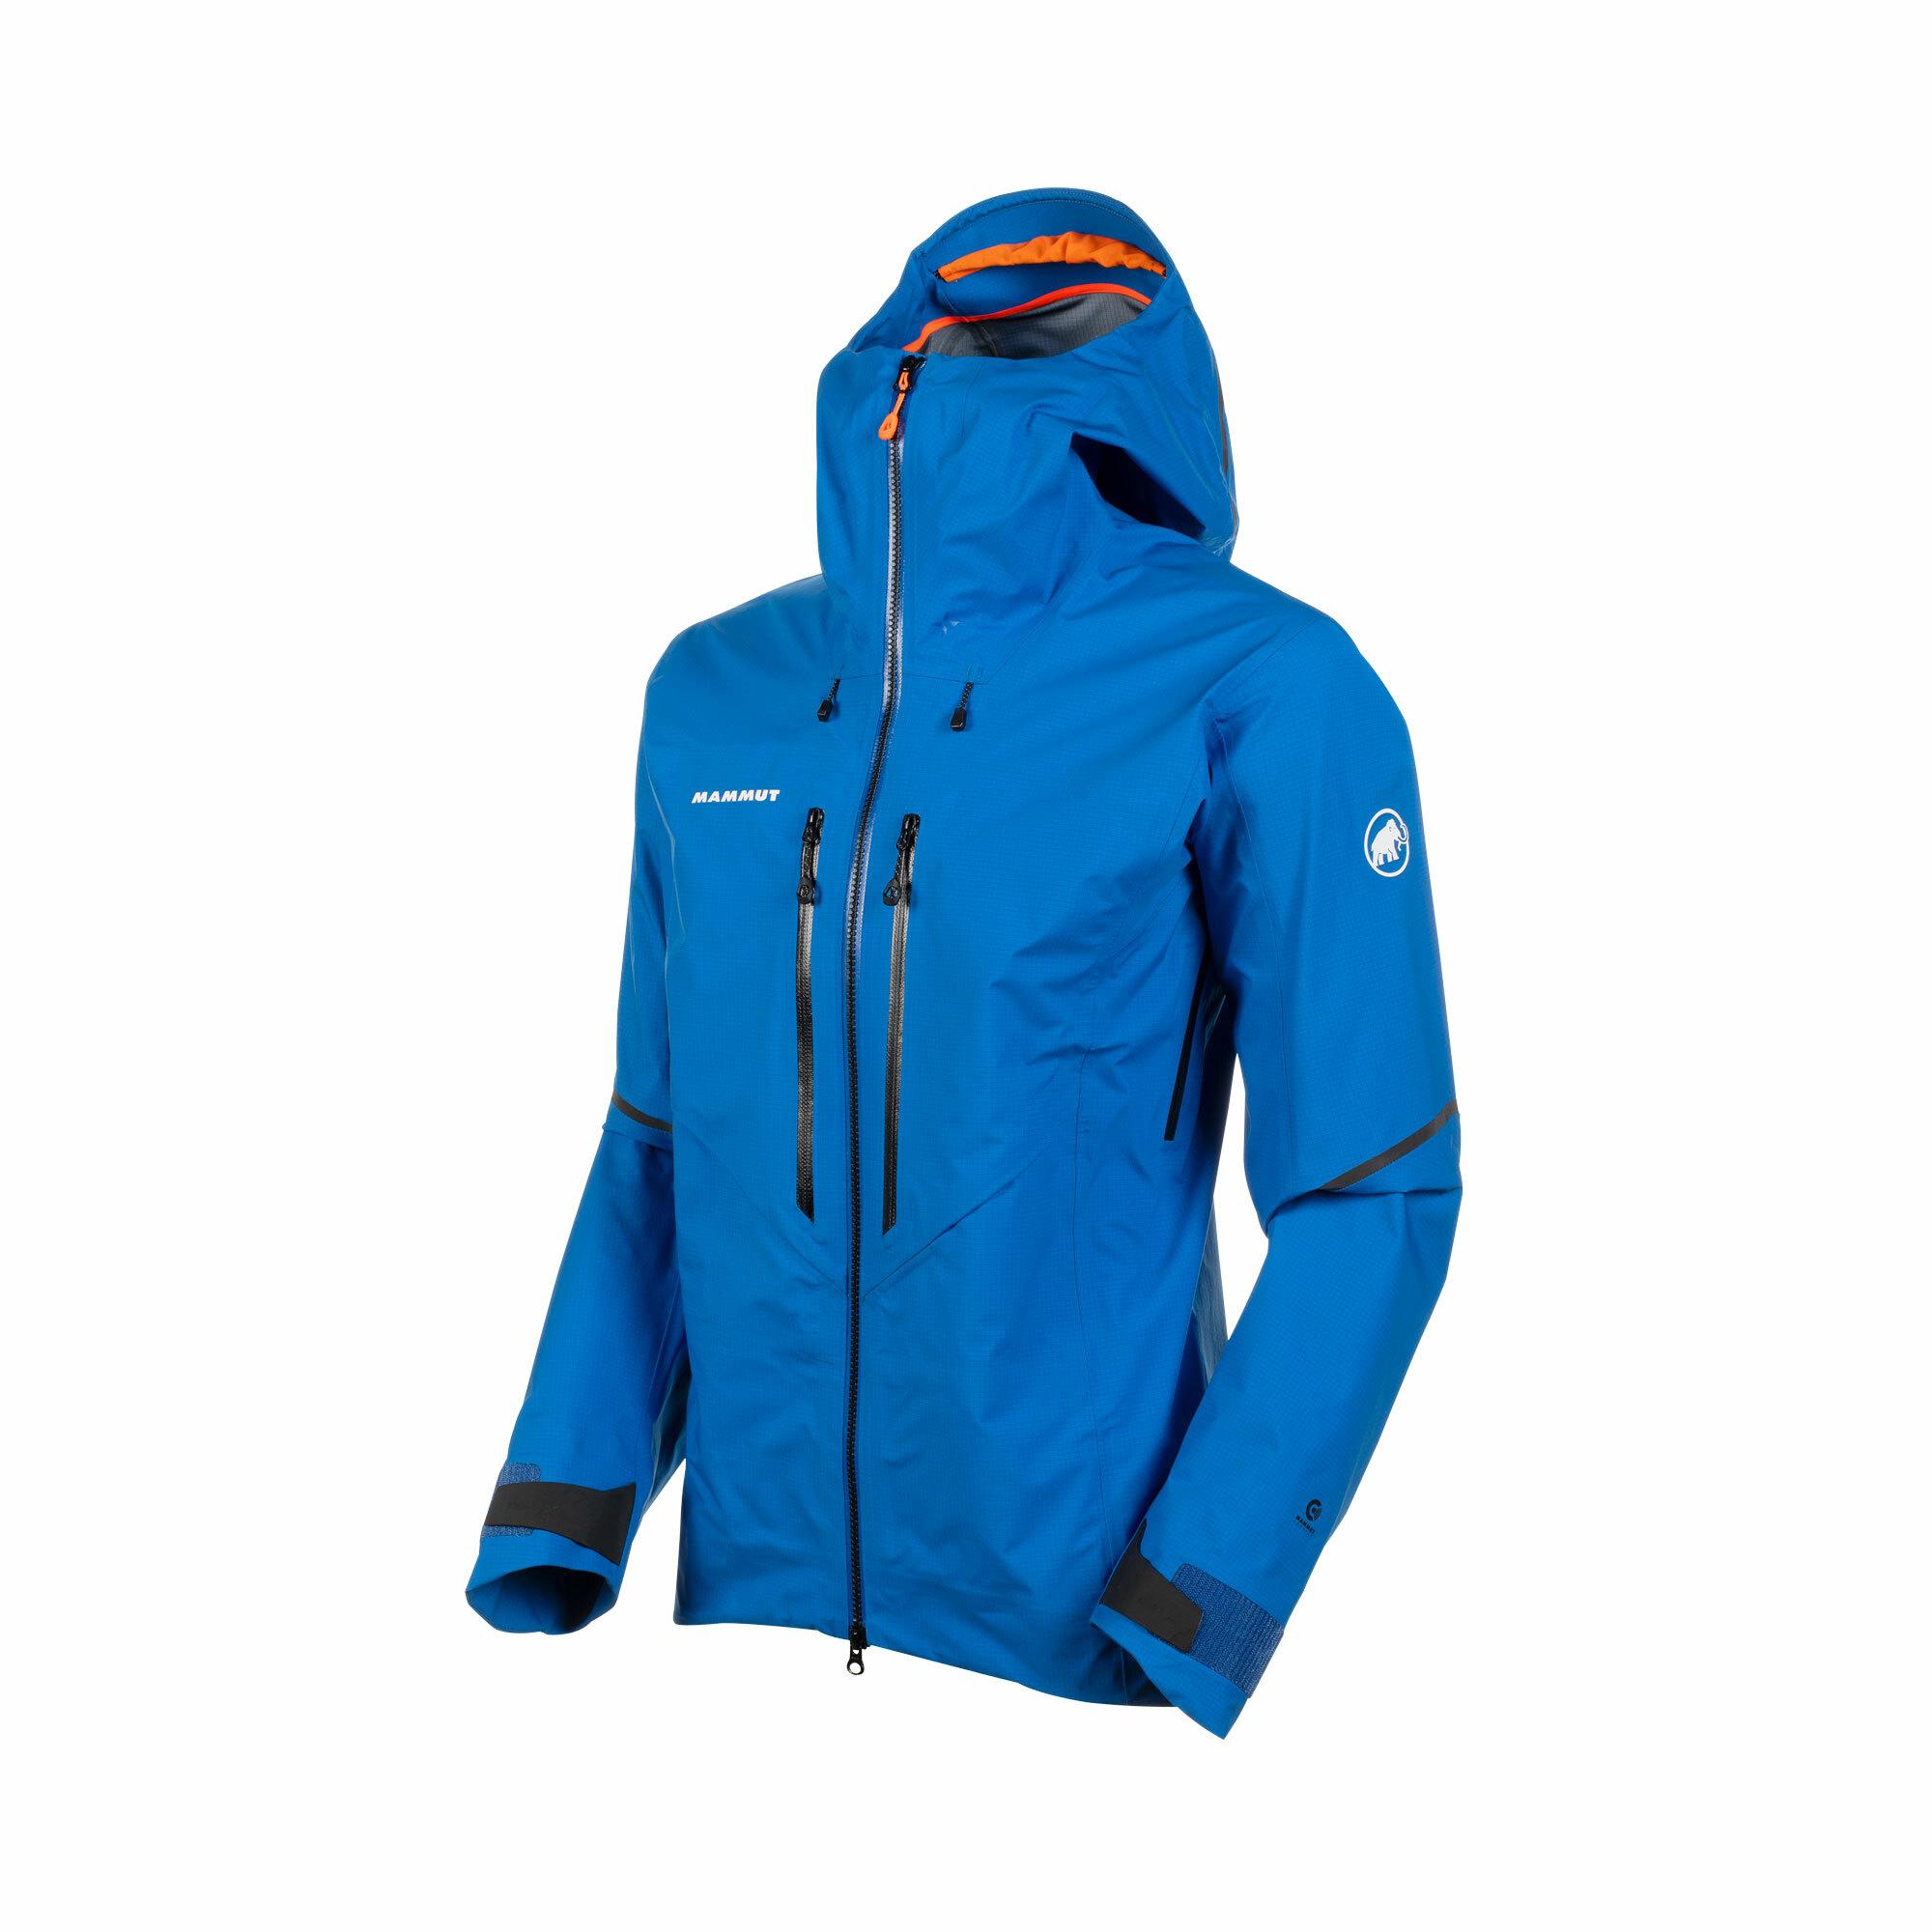 Mammut Nordwand Advanced Hooded Jacket